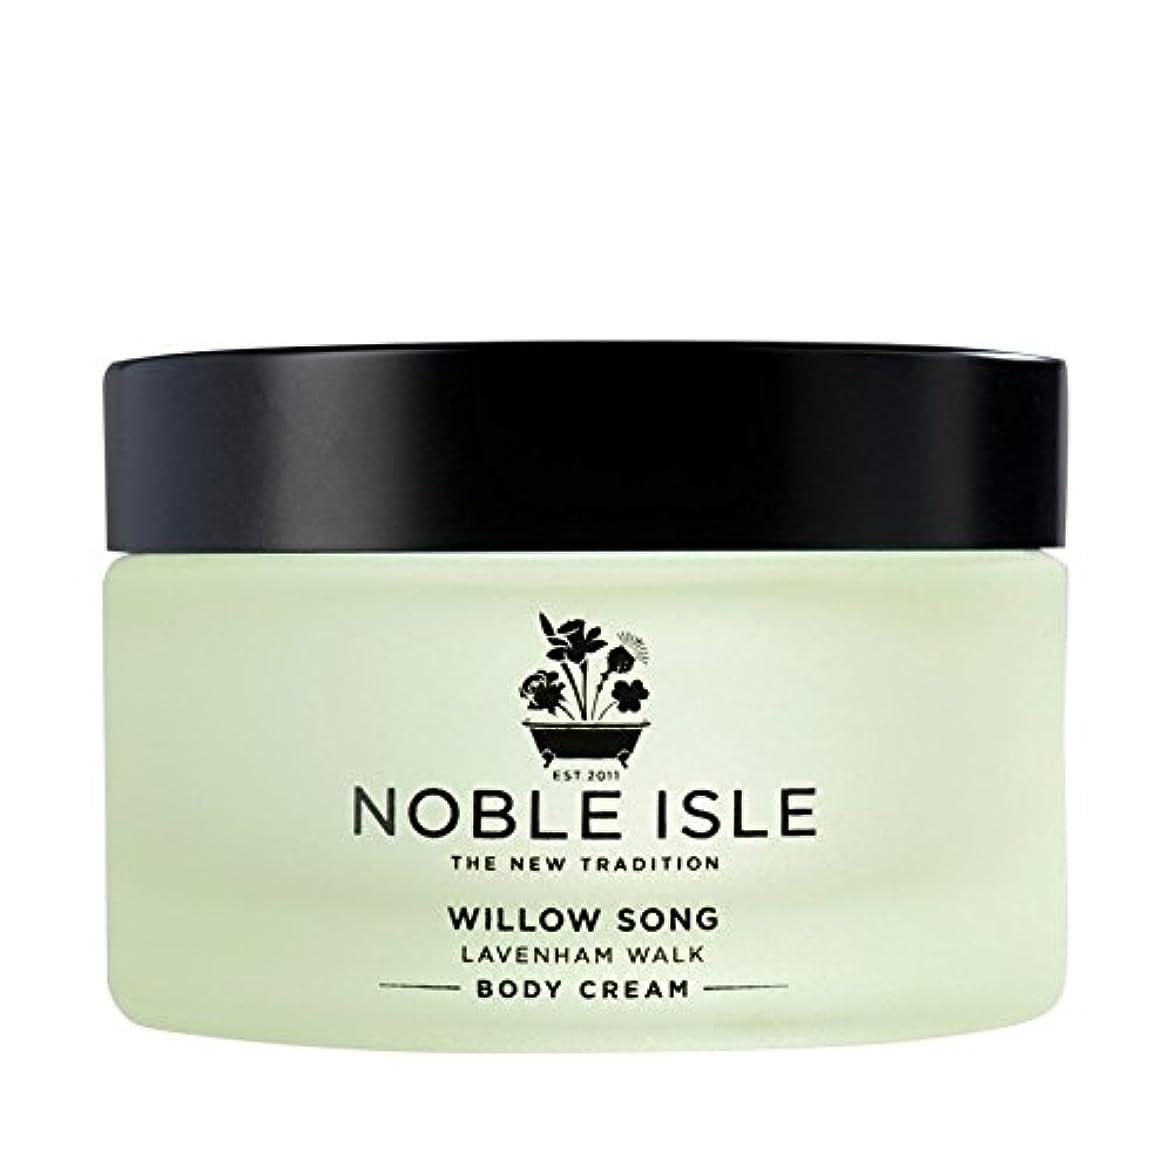 揃える切手キリン高貴な島柳の歌ラヴァンハム徒歩ボディクリーム170ミリリットル x4 - Noble Isle Willow Song Lavenham Walk Body Cream 170ml (Pack of 4) [並行輸入品]